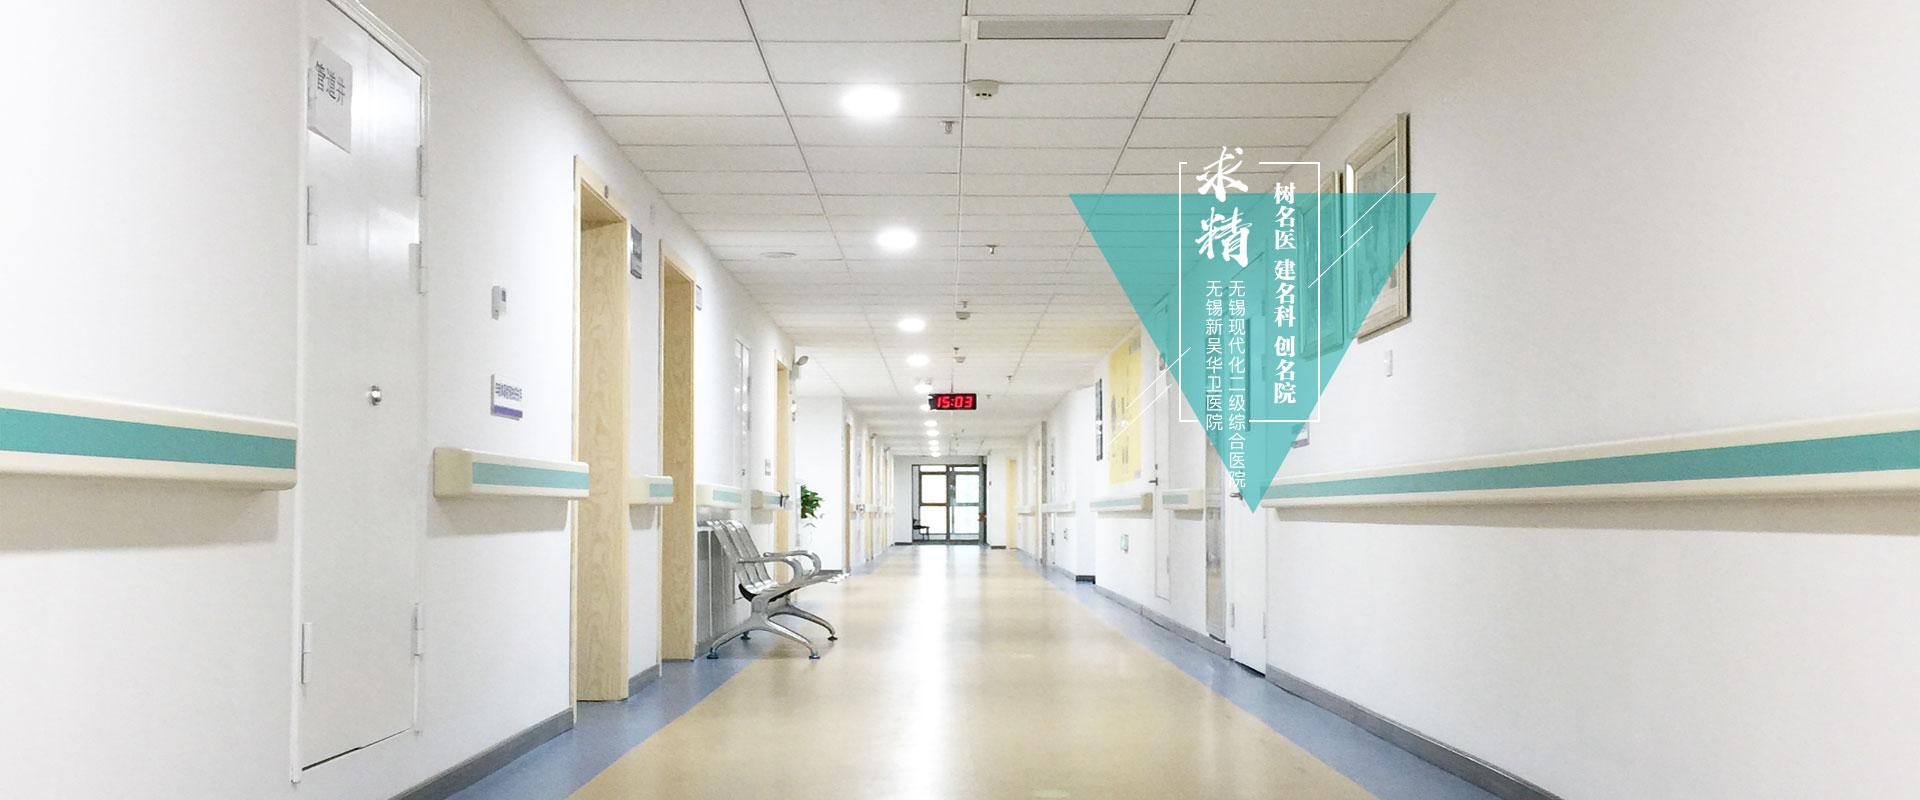 北医三院挂��\_江南大学附属医院肿瘤专科联盟单位_新吴华卫医院